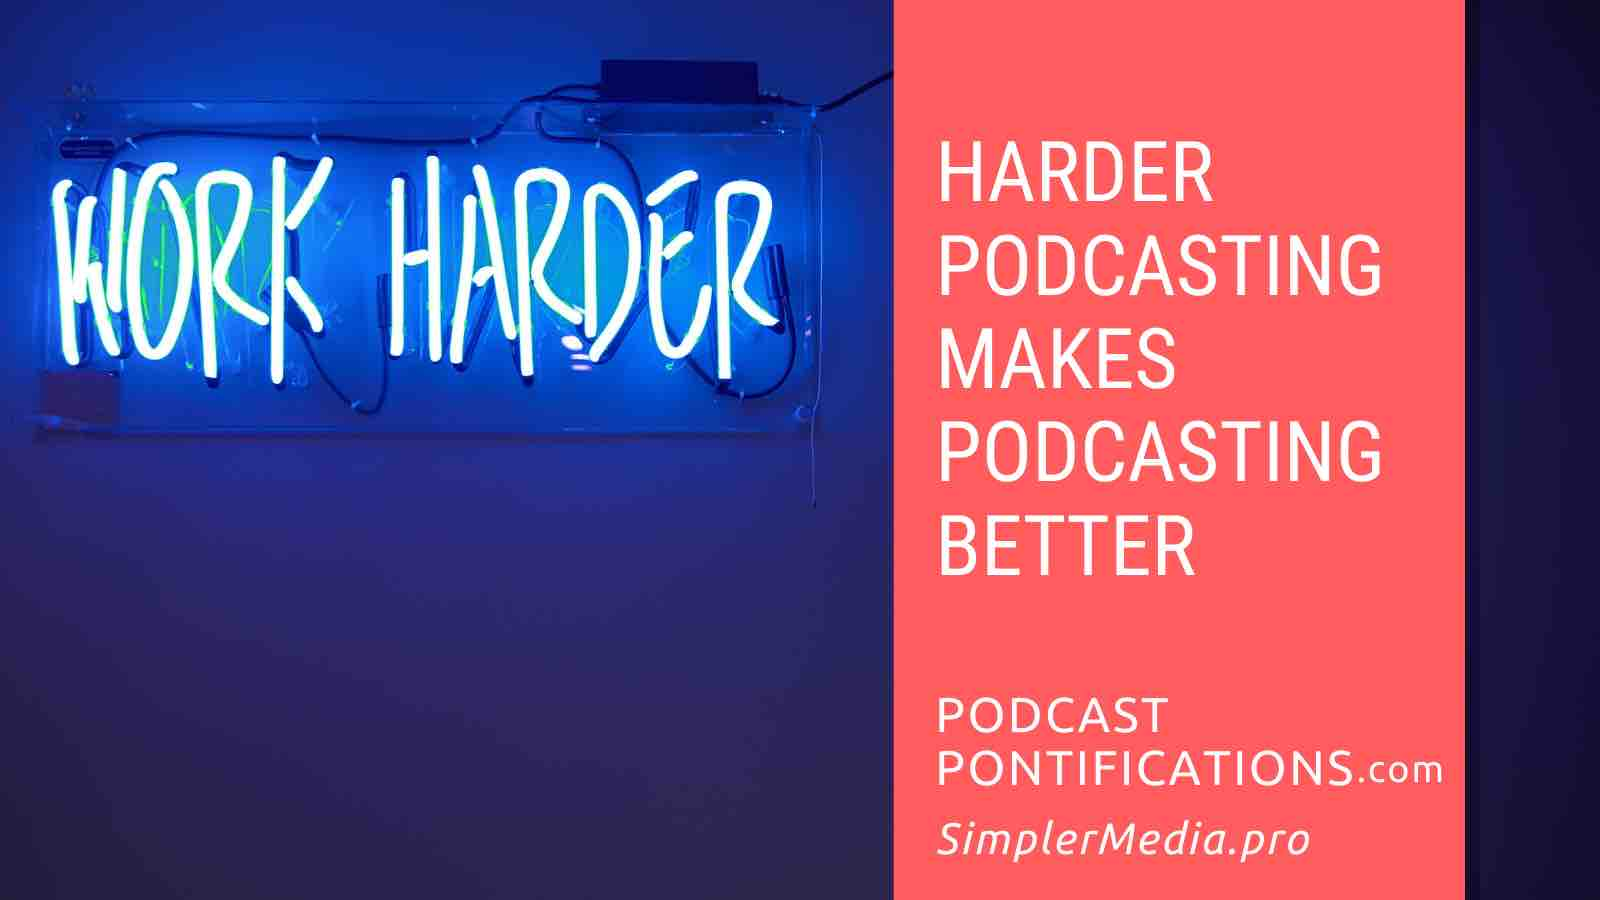 Harder Podcasting Makes Podcasting Better